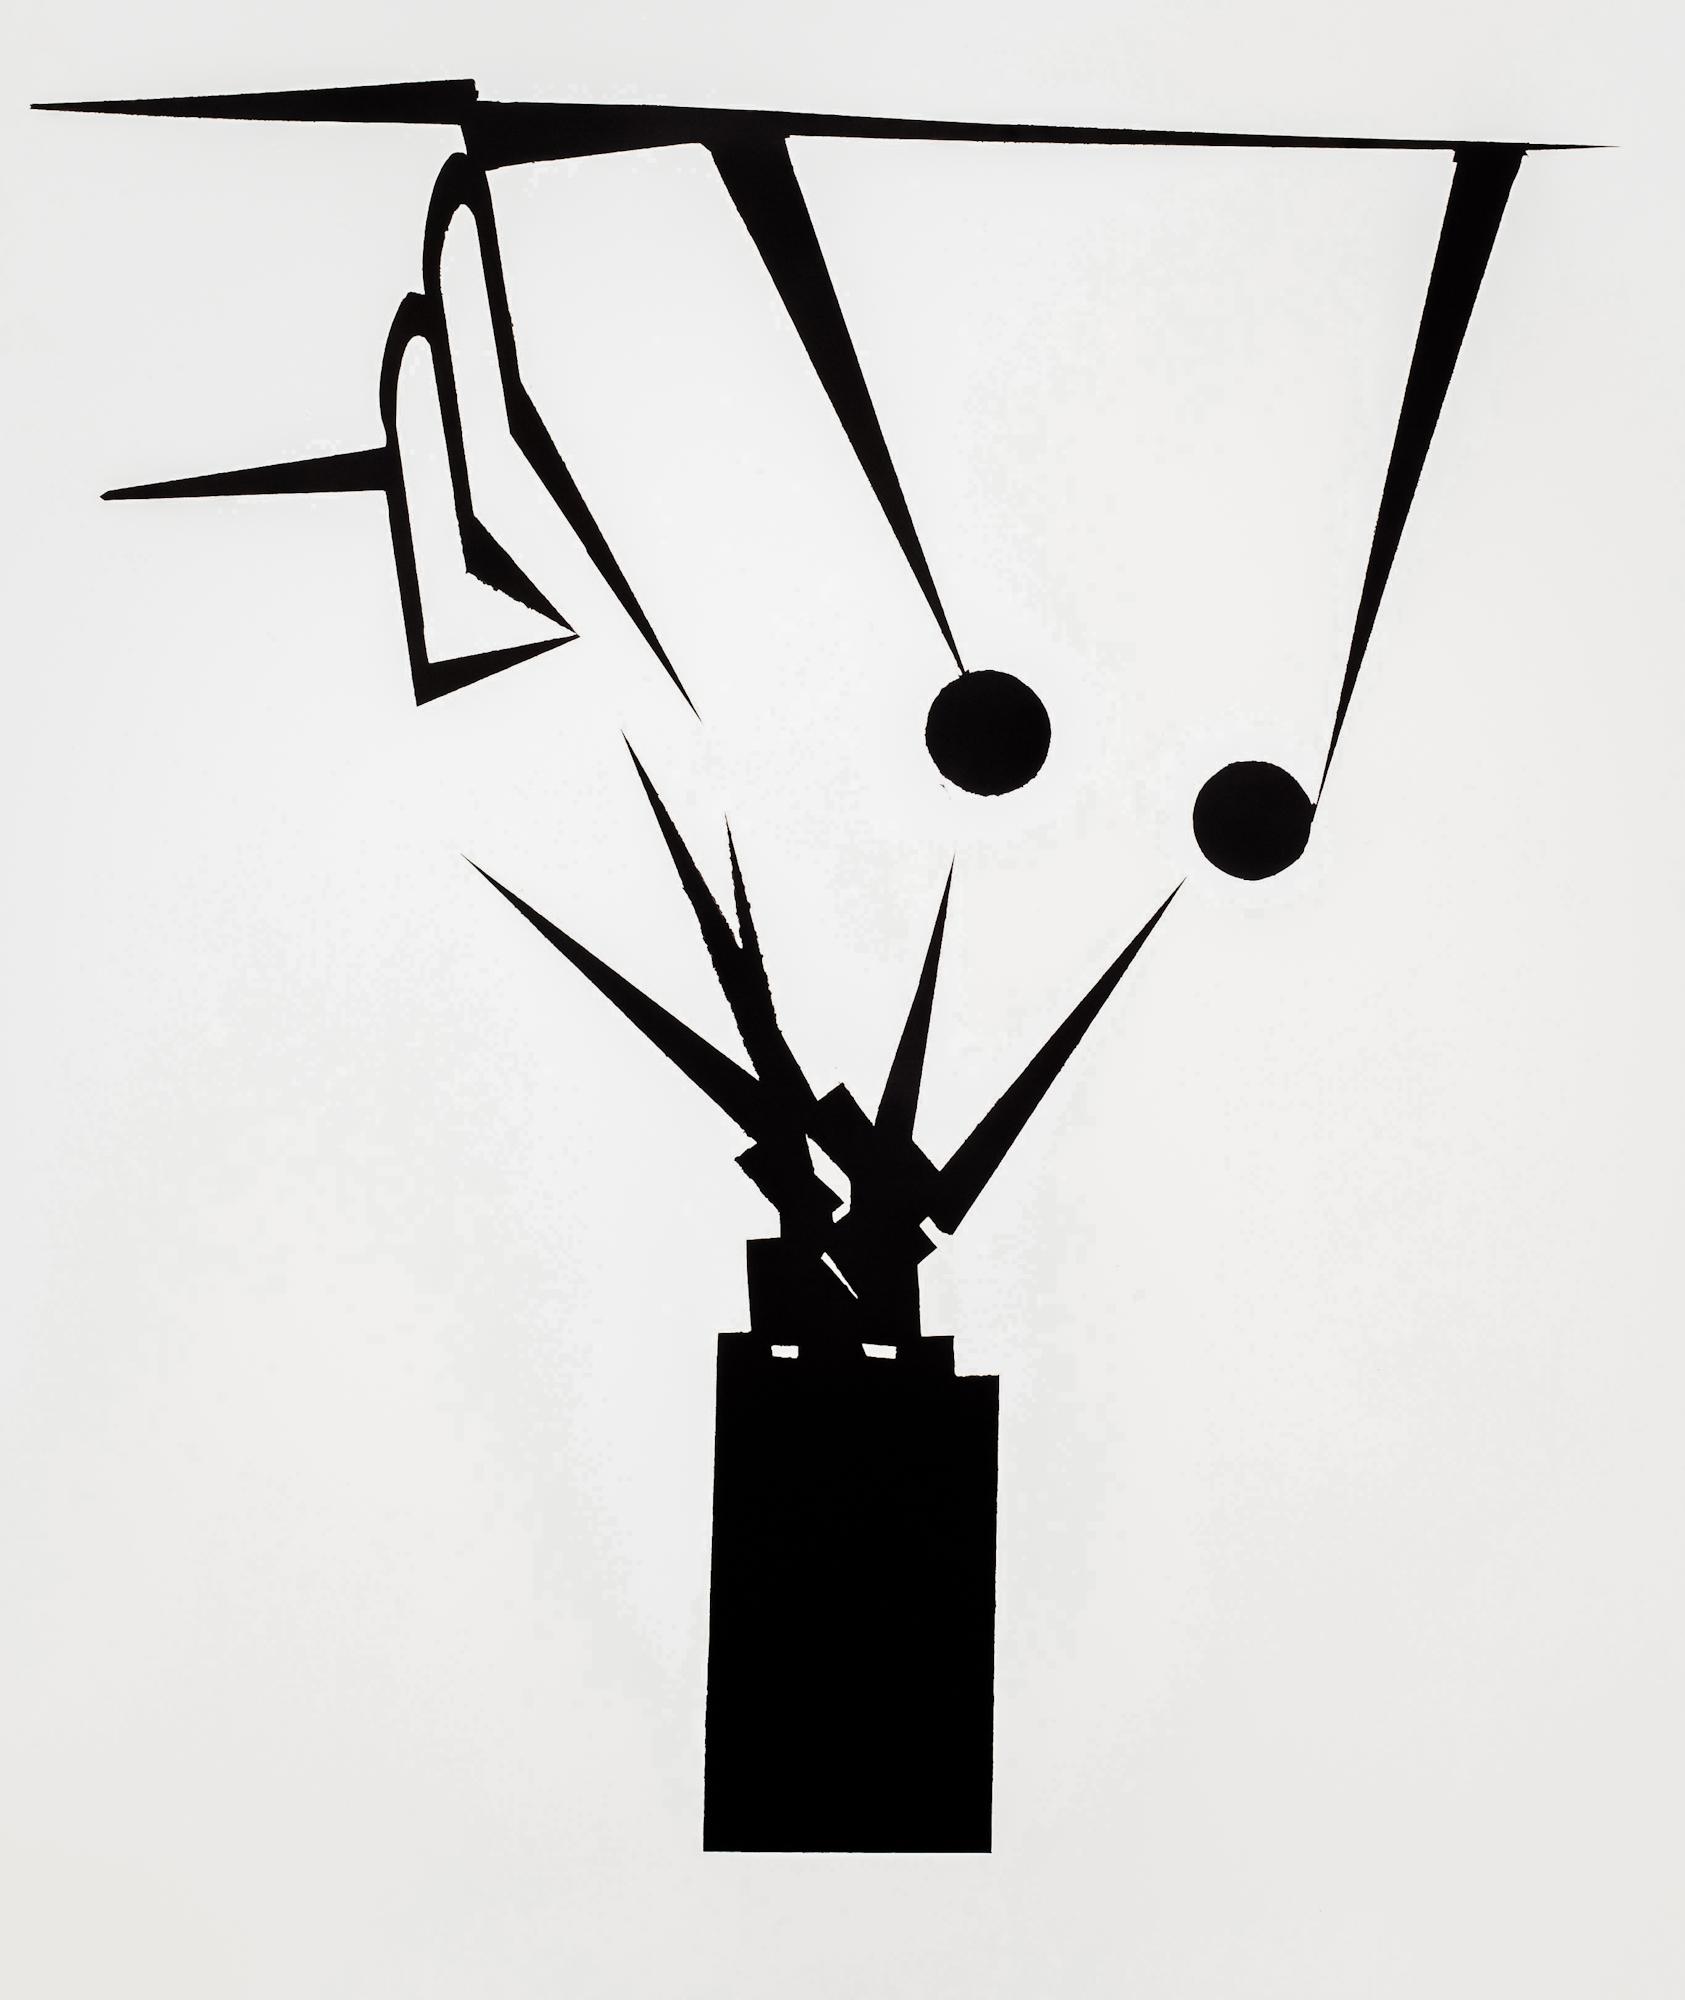 Marcin Jedlikowski, Beztytułu, olej, papier, 95 x 84 cm, 2016